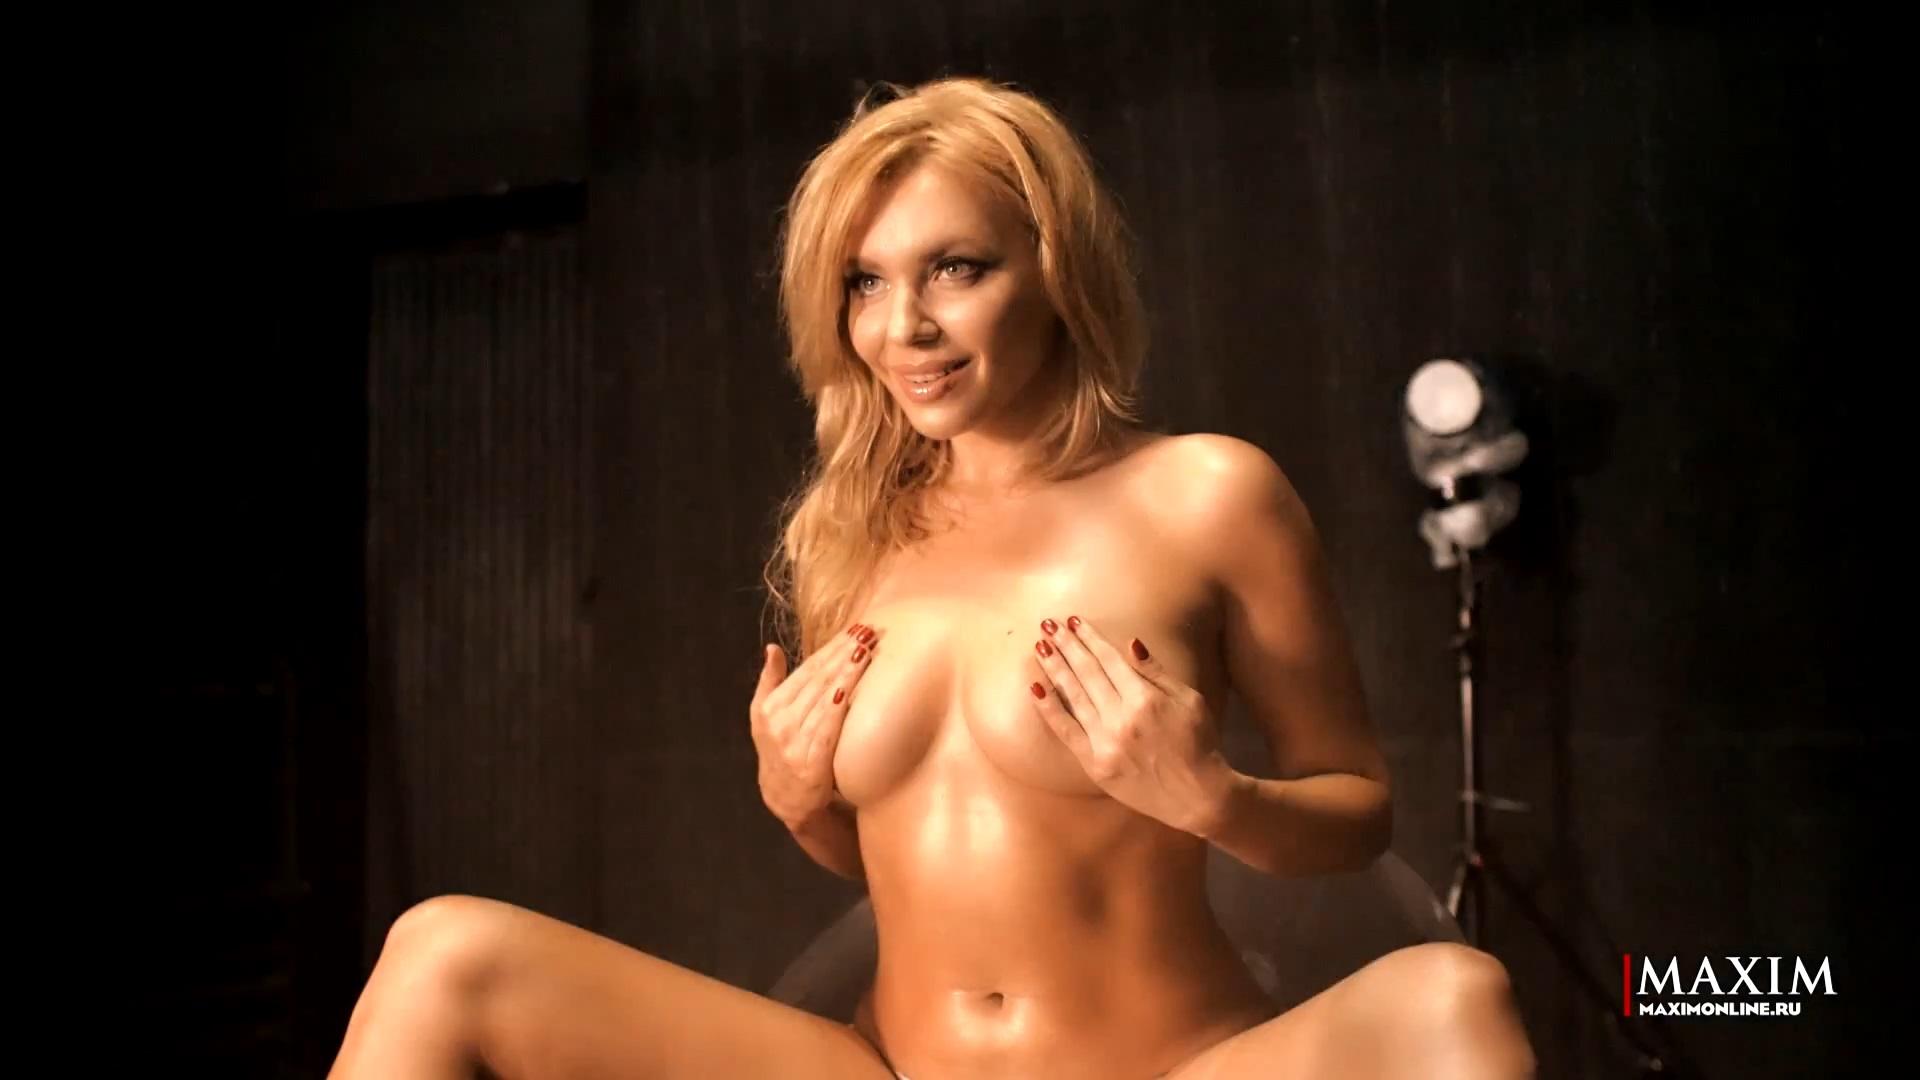 Фото тани голой, Голая Татьяна Котова в Maxim и Playboy 8 фотография